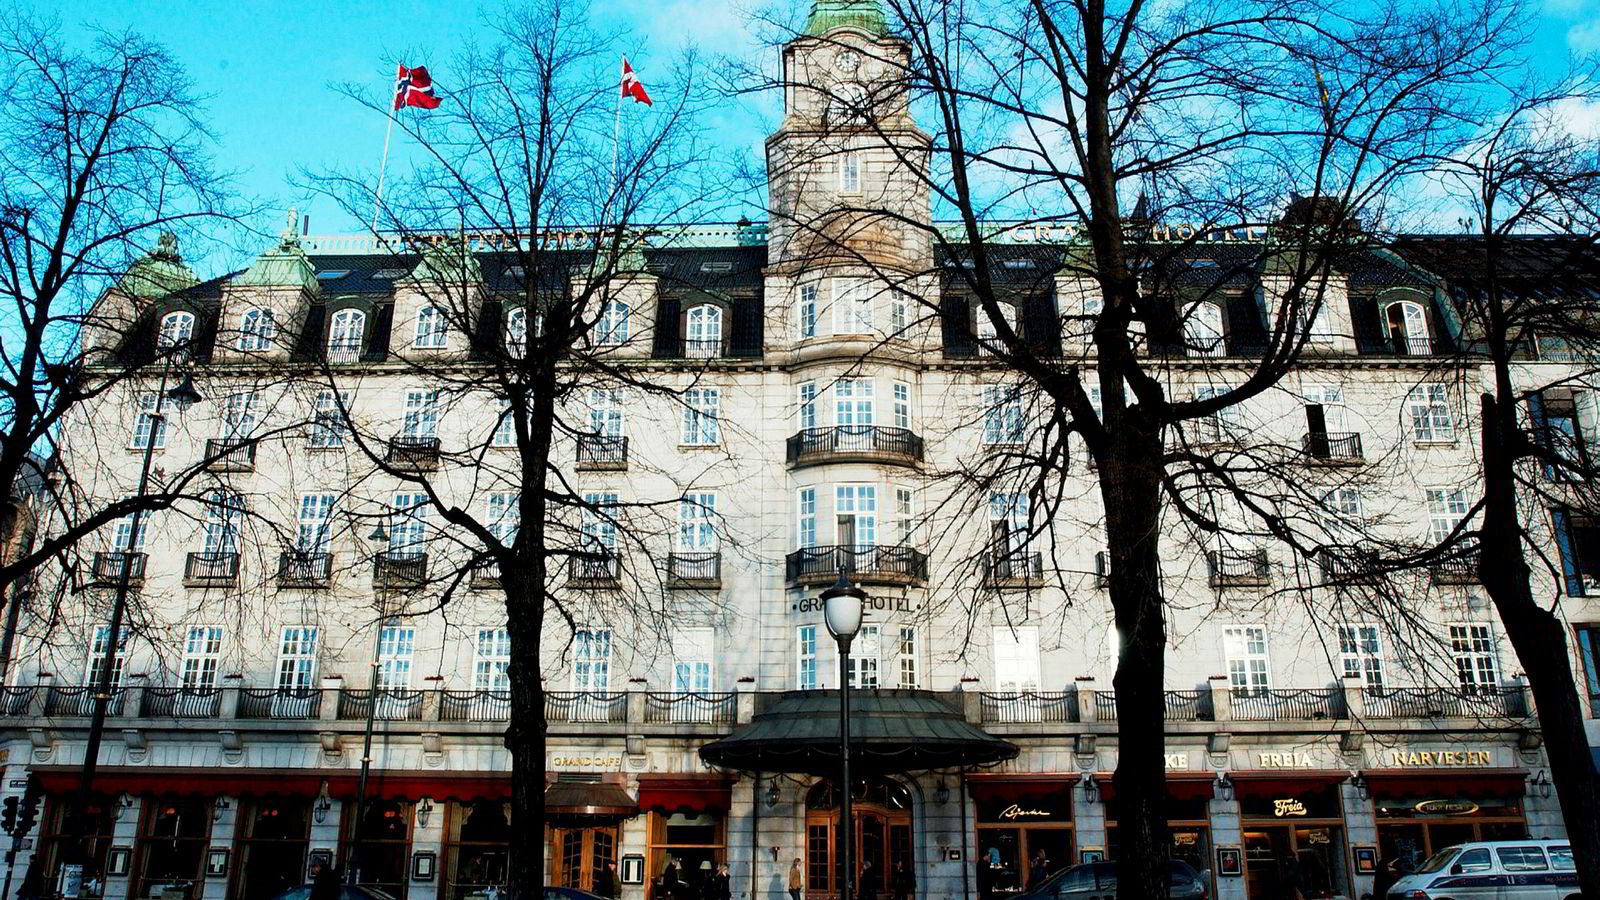 Scandic økte hotellporteføljen i Norge med syv hoteller i 2017, blant annet overtok Scandic driften av Grand Hotel i Oslo.